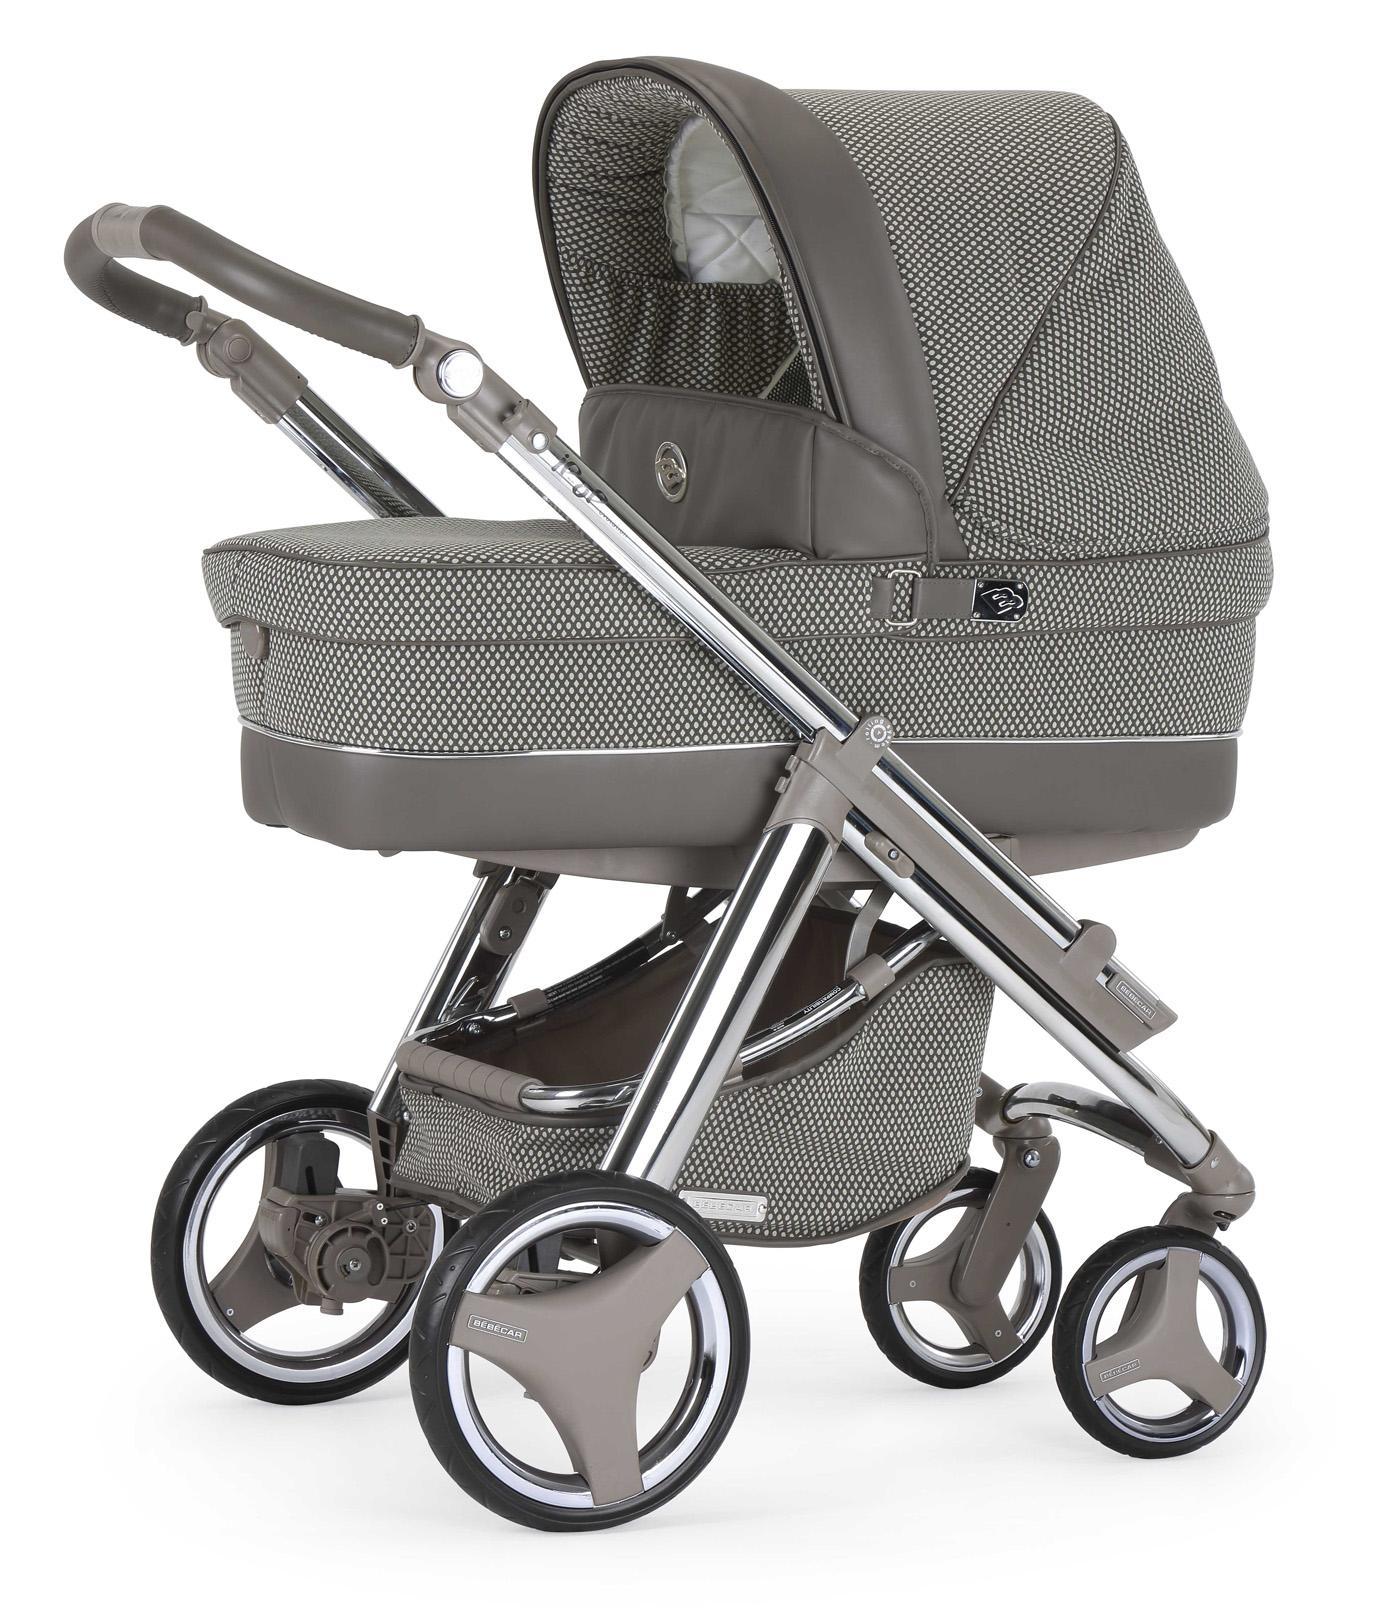 Conoces la colecci n de coches de beb priv 2015 de for Coches para bebes